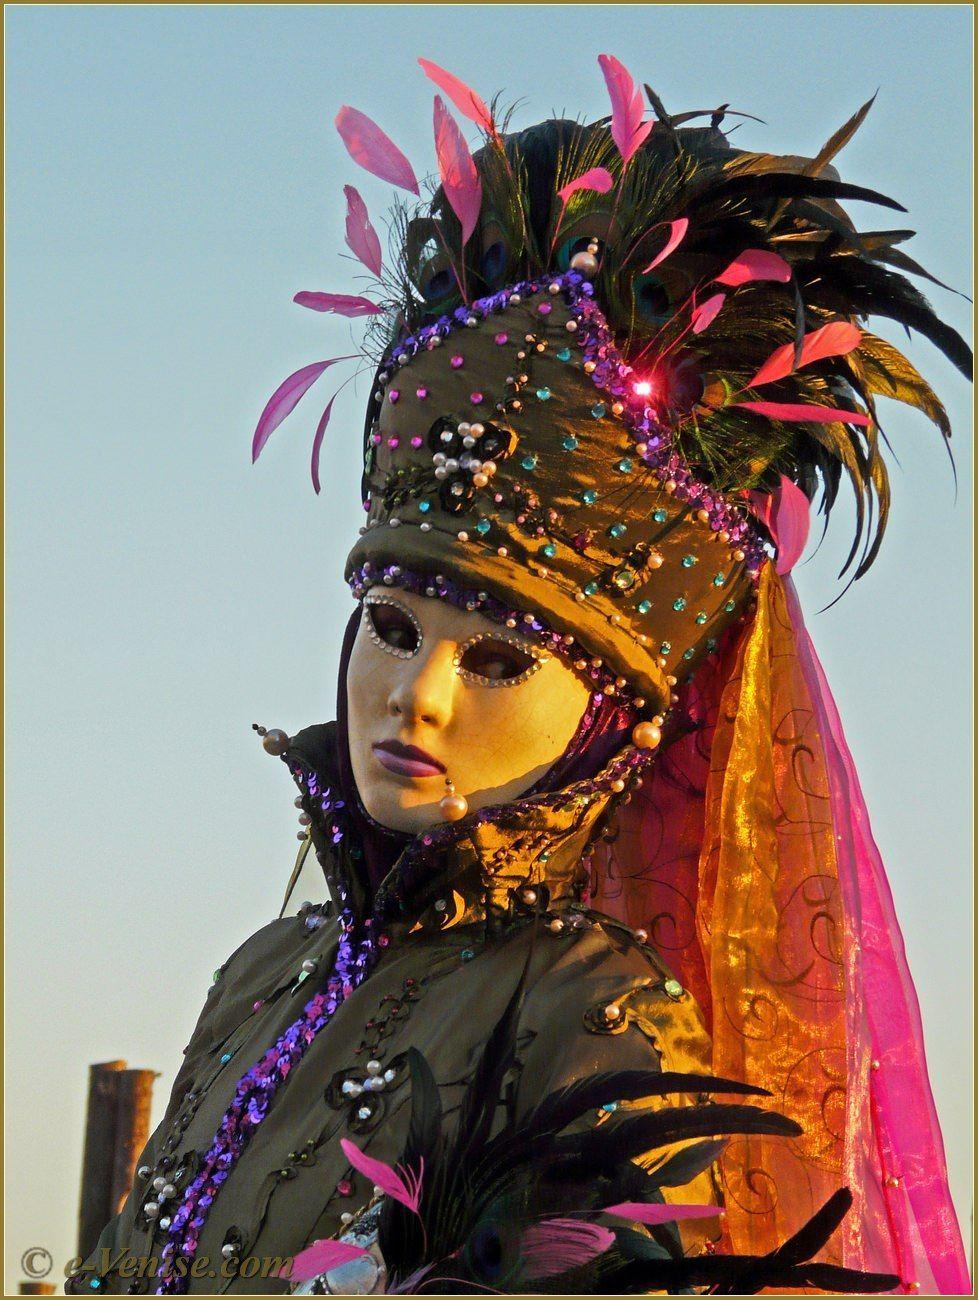 Photos Carnaval Venise 2008 Masques et Costumes Page 3